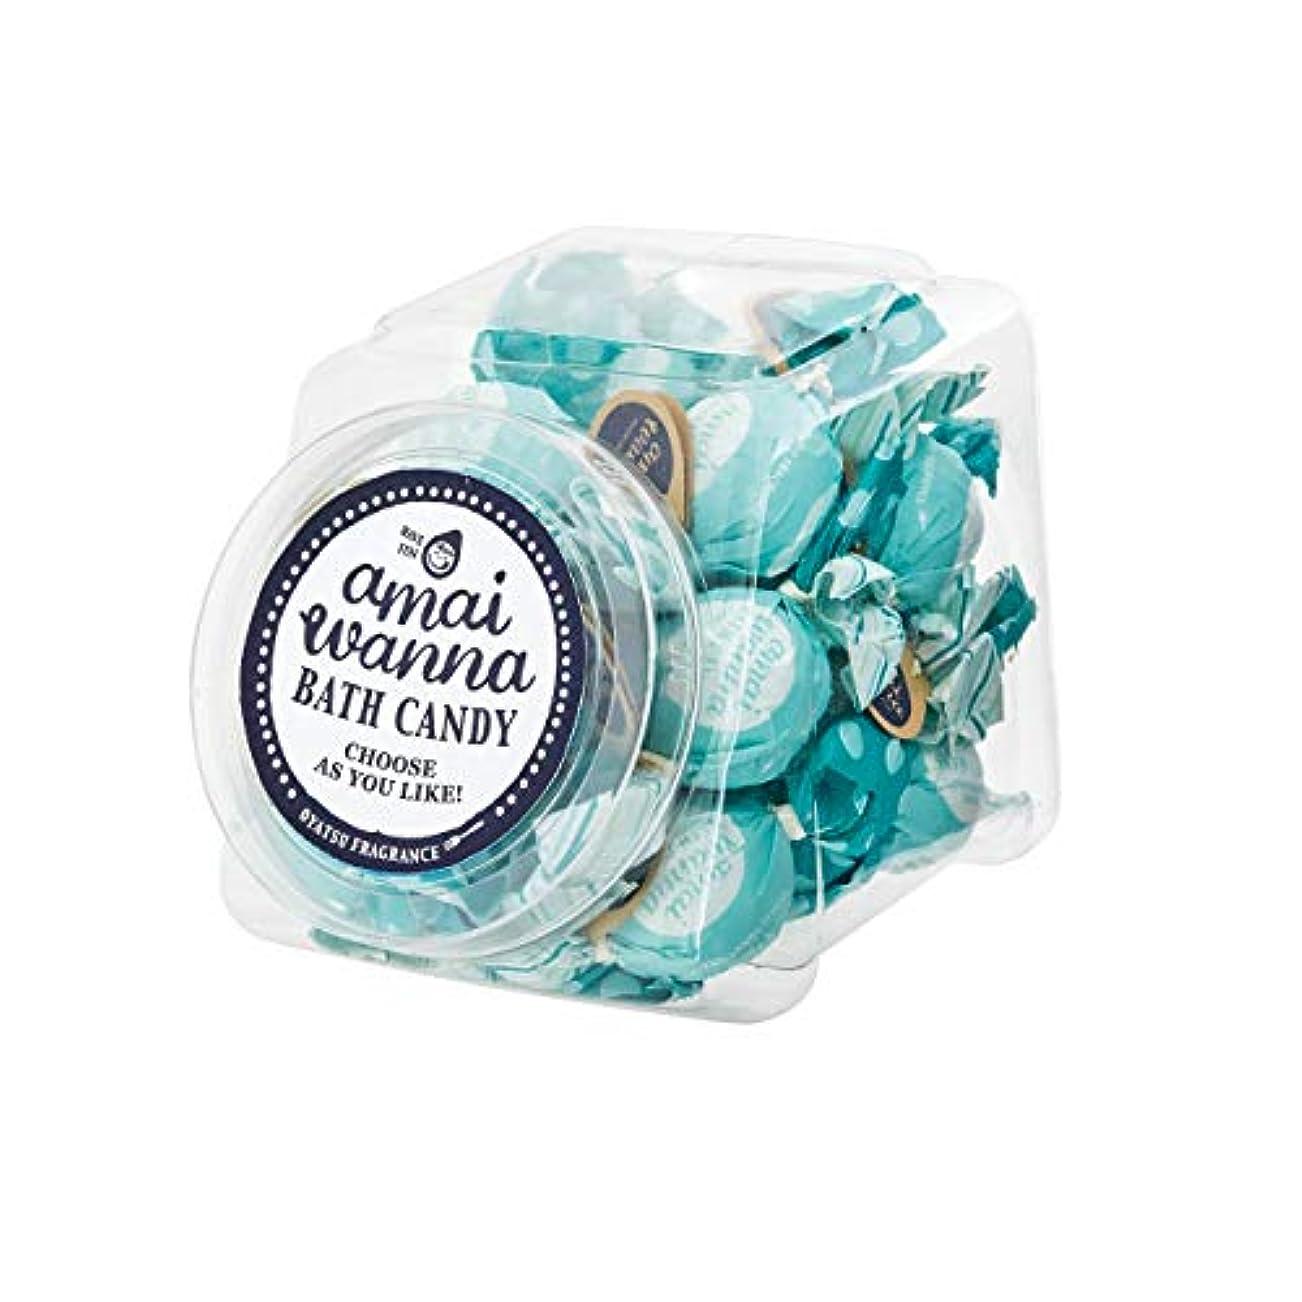 アマイワナSP バスキャンディーポットセット24粒入り(おはようミント バスギフト キャンディーの形の入浴料 大人可愛い)